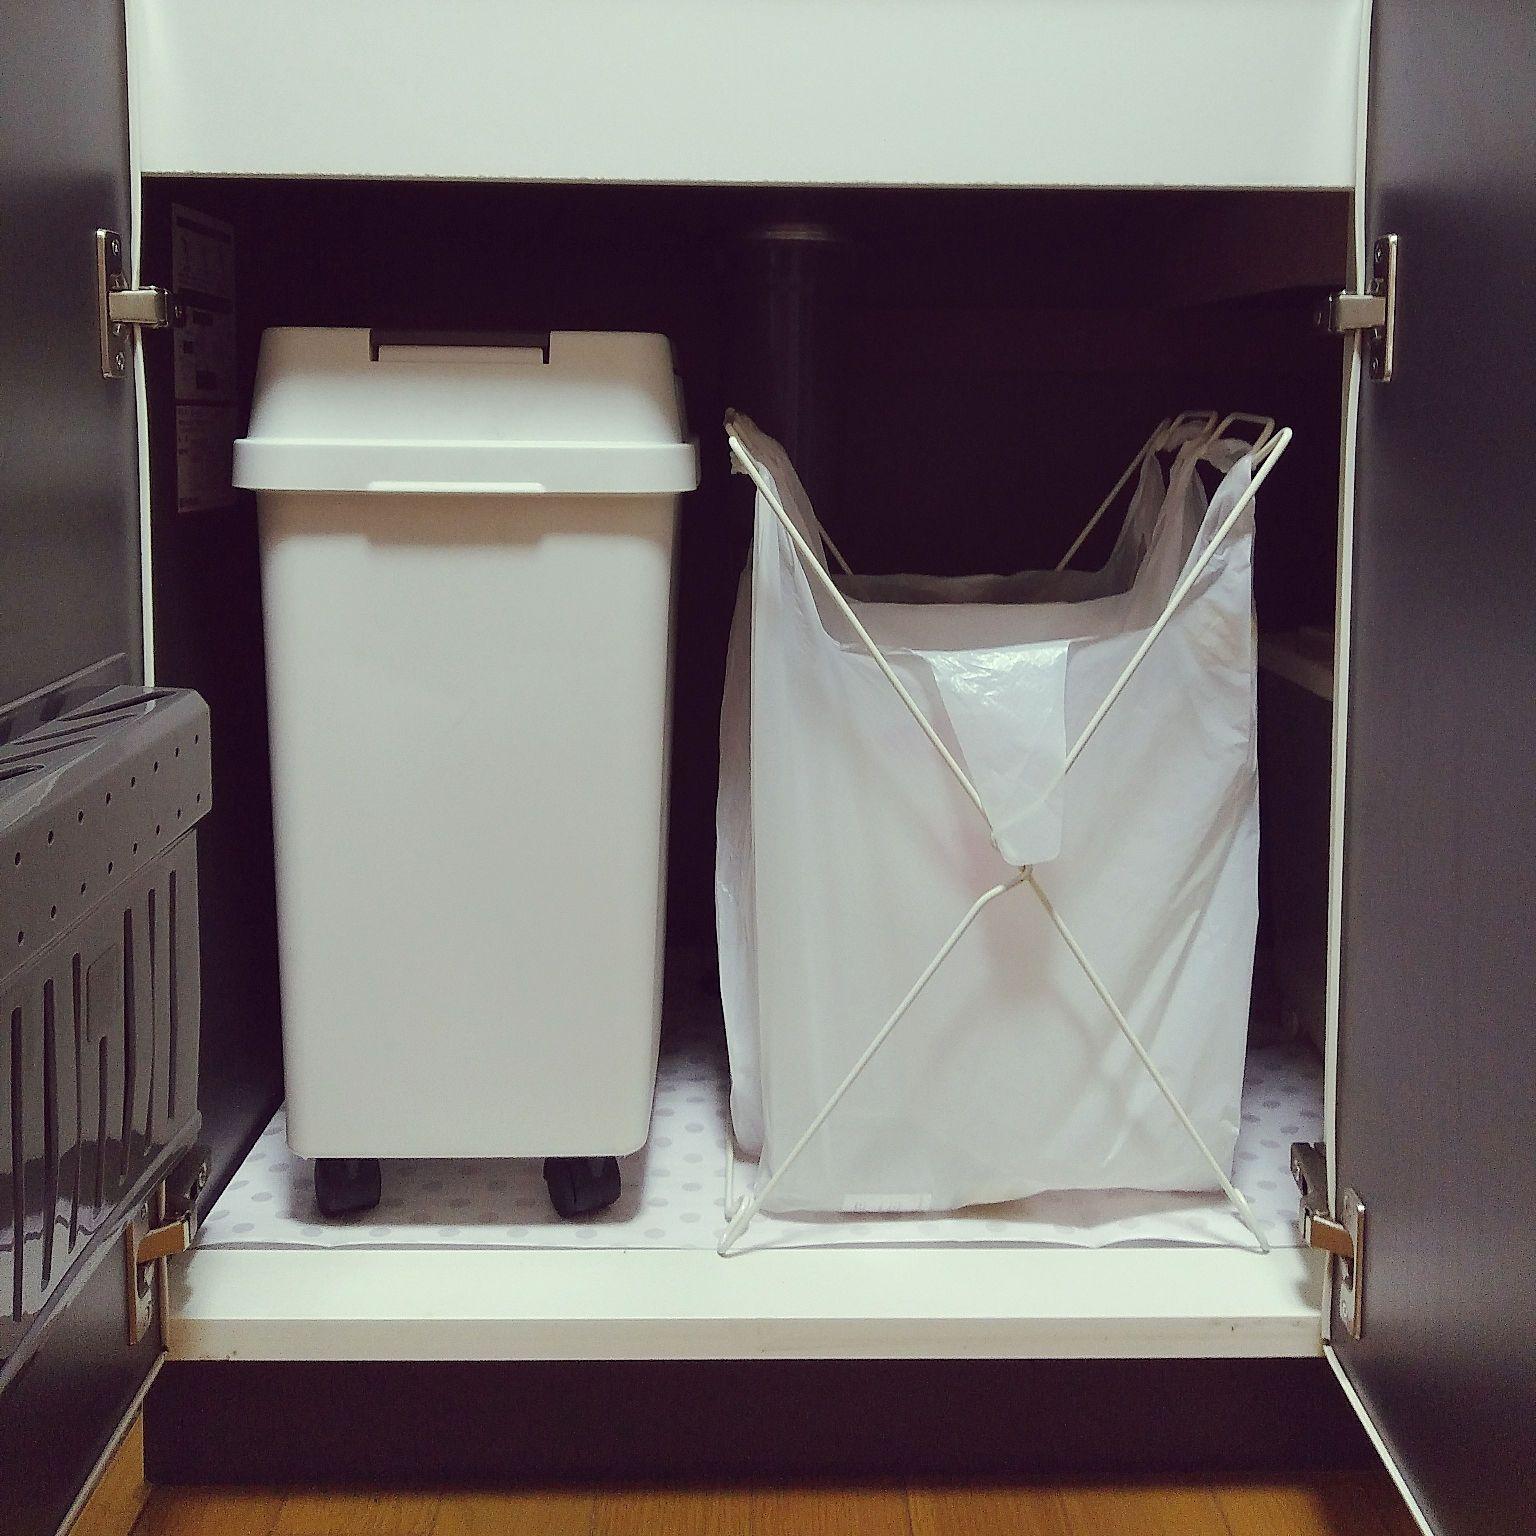 キッチン 2k ひとり暮らし シンク下ゴミ箱 ダイソー などのインテリア実例 2018 05 20 12 20 40 Roomclip ルームクリップ シンク下 ひとり暮らし シンク下の収納